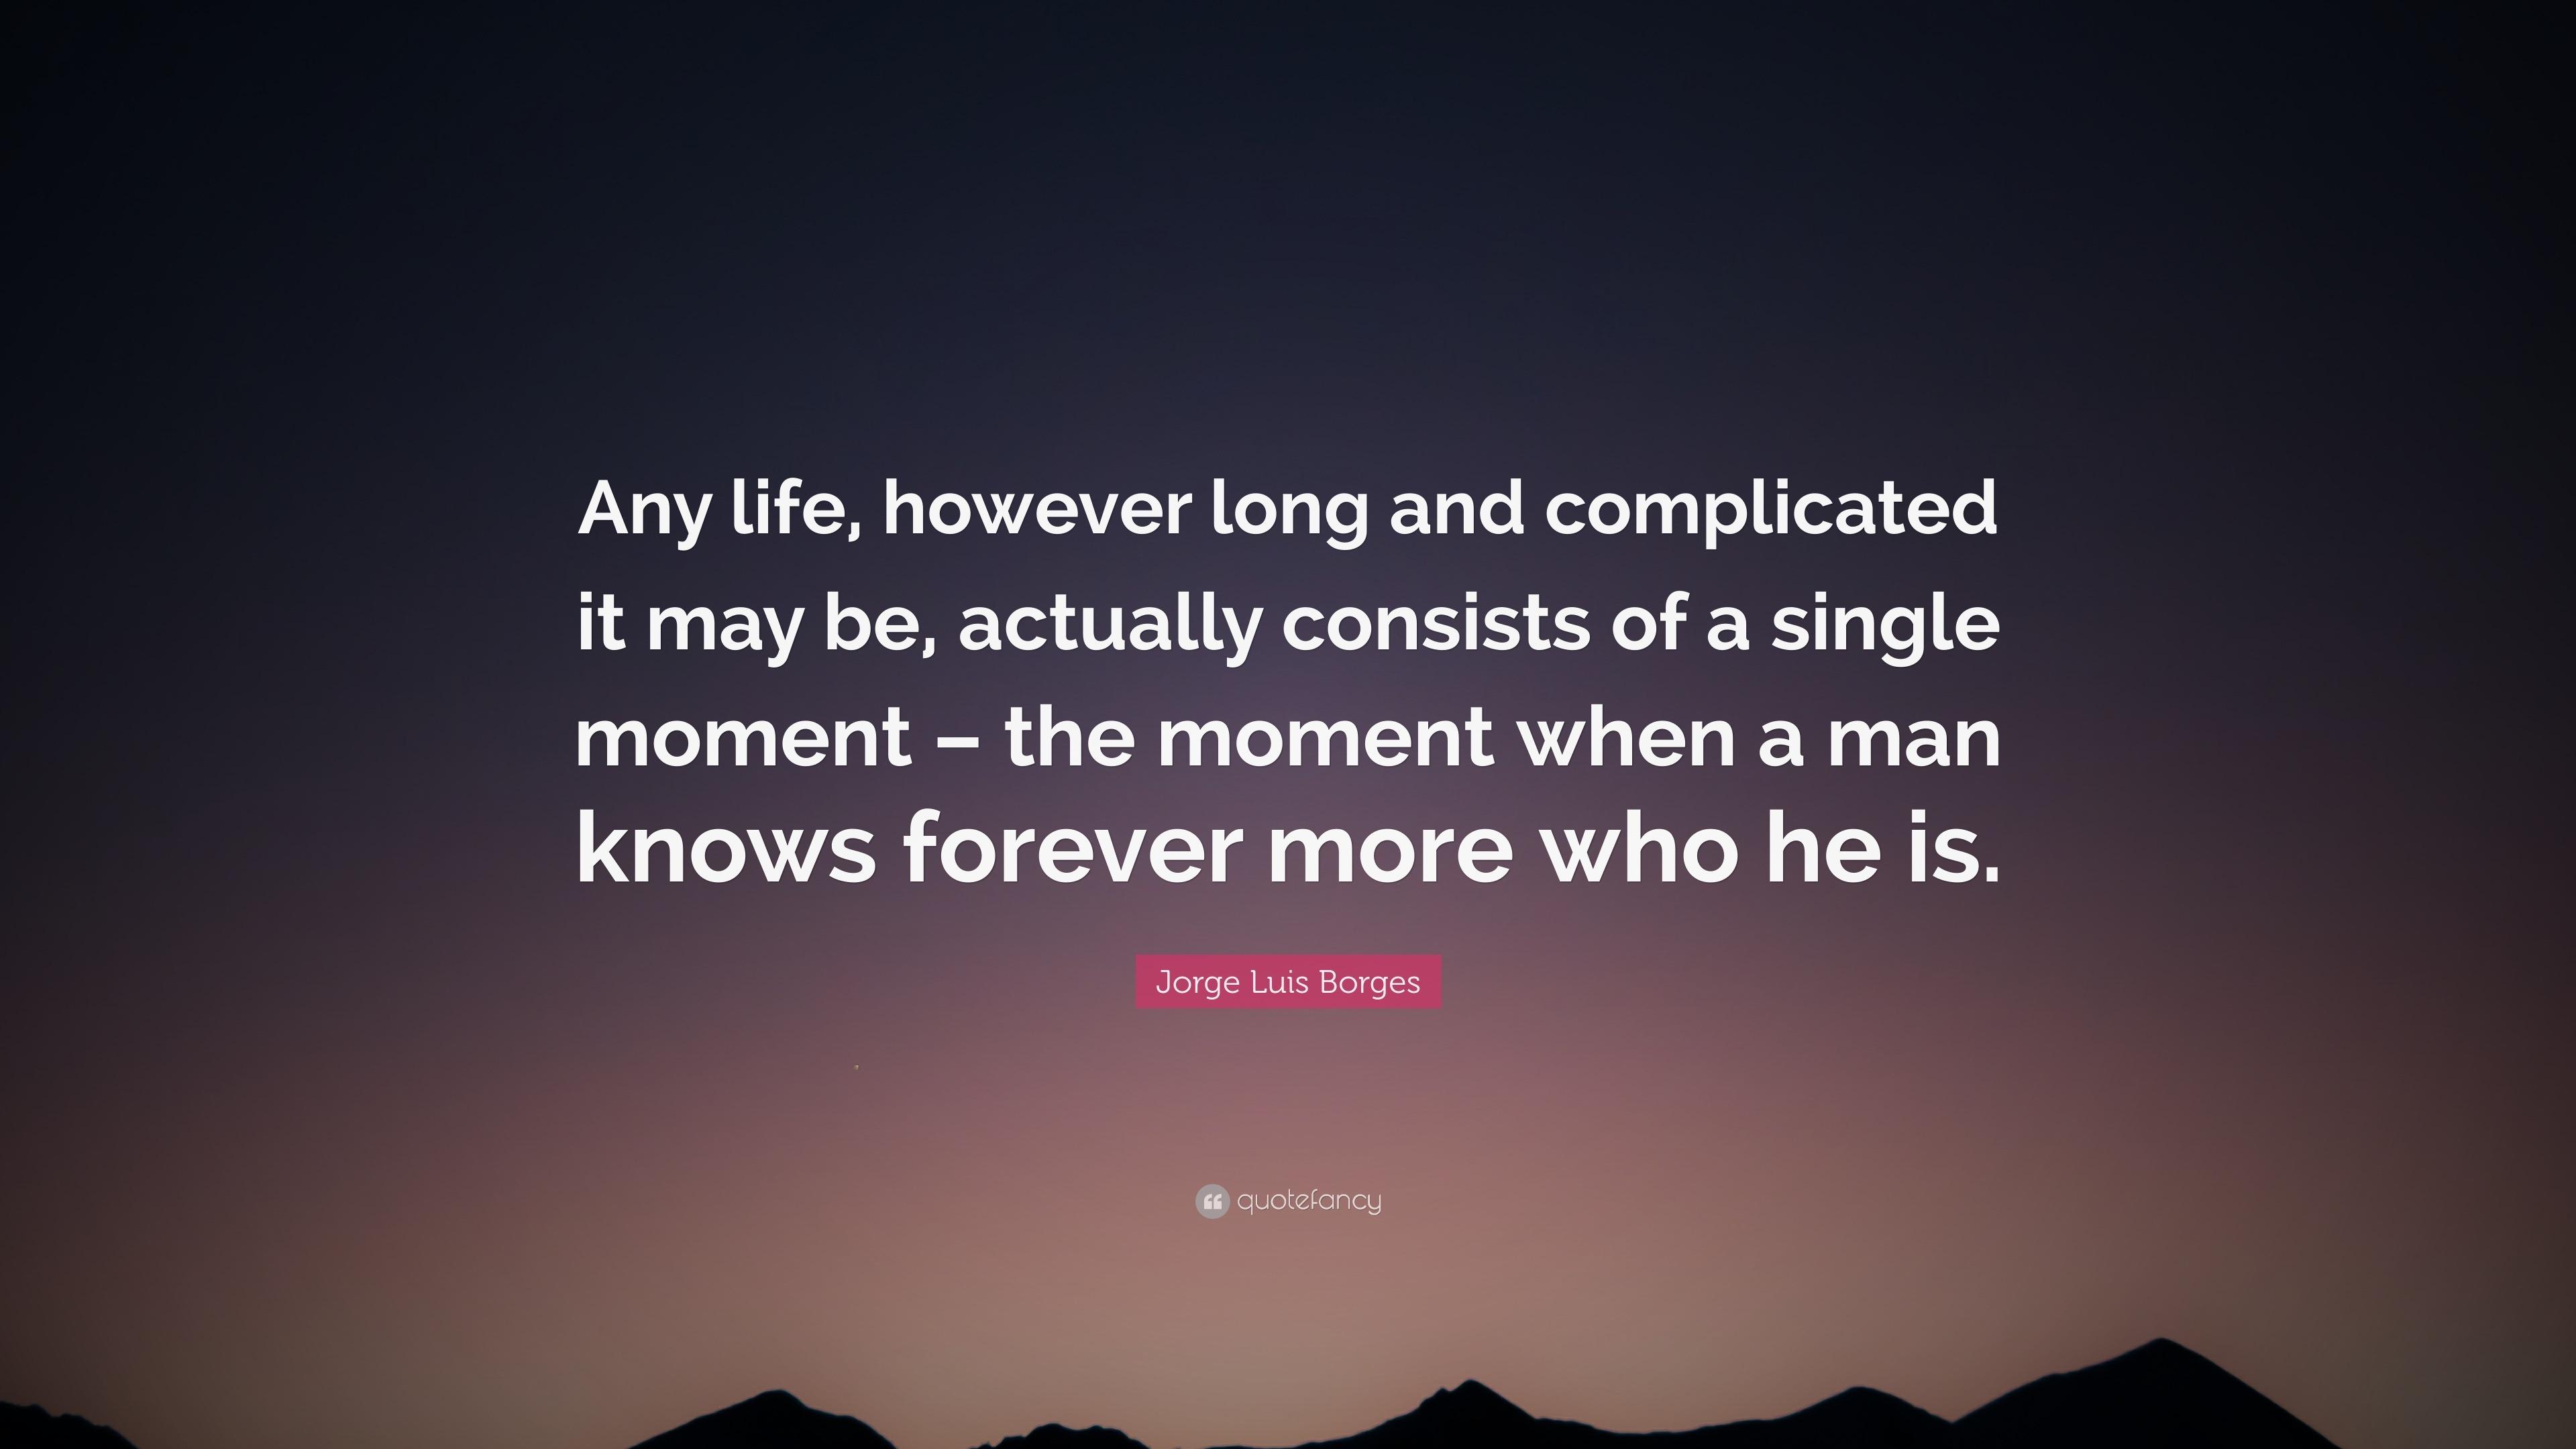 Jorge Luis Borges - Moments